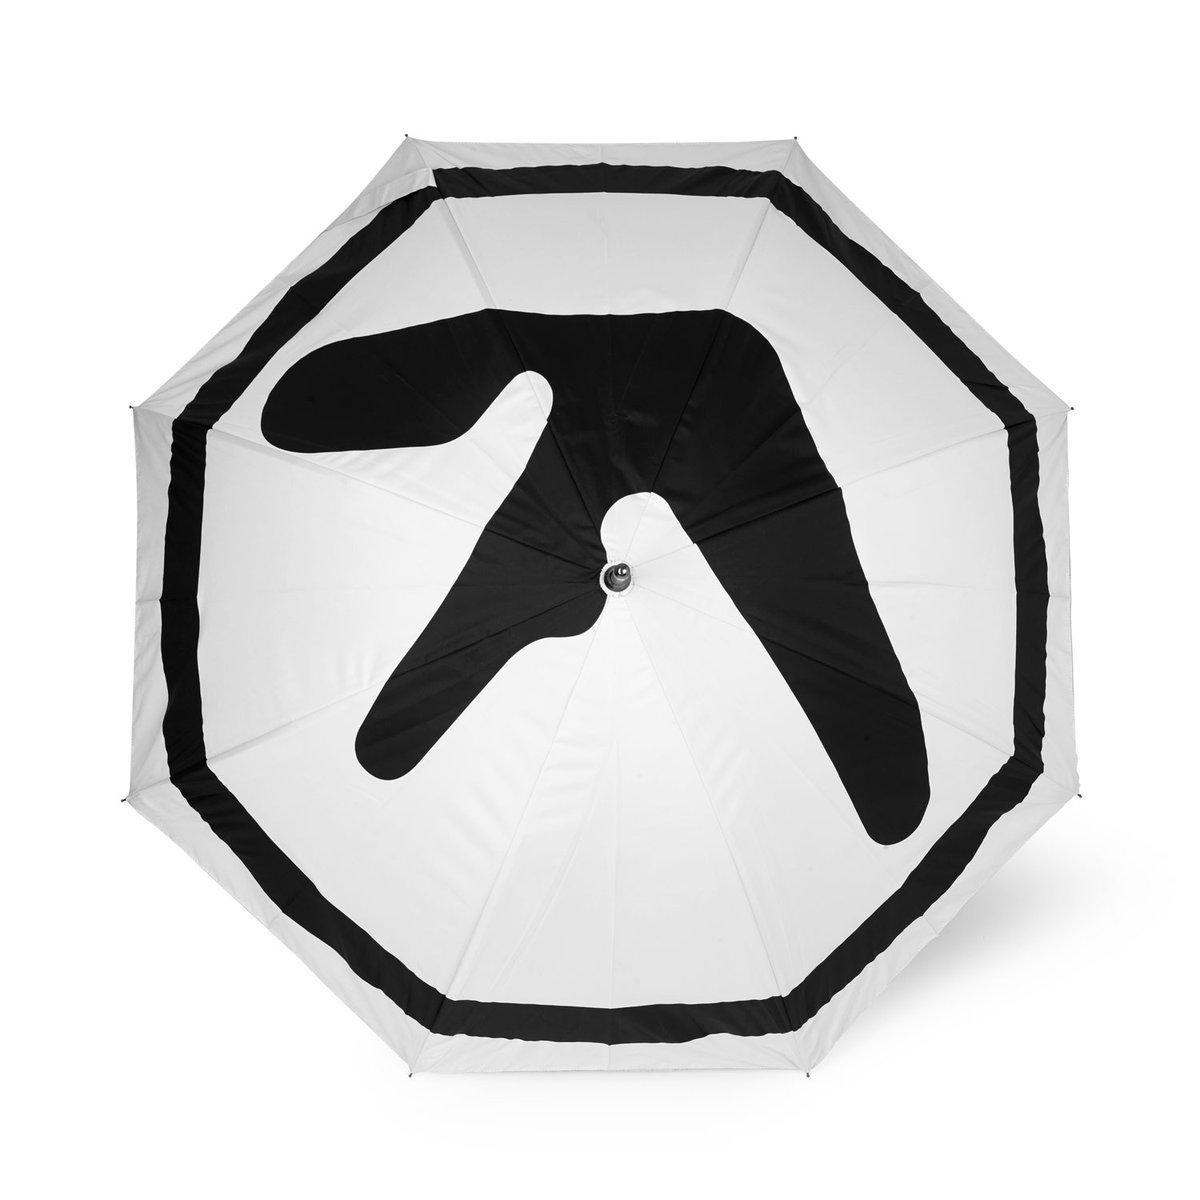 新品未開封 Aphex Twin UMBRELLA POP UP SHOP STORE エイフェックス ツイン アンブレラ 傘 ポップアップショップ ポップアップ 限定_画像2